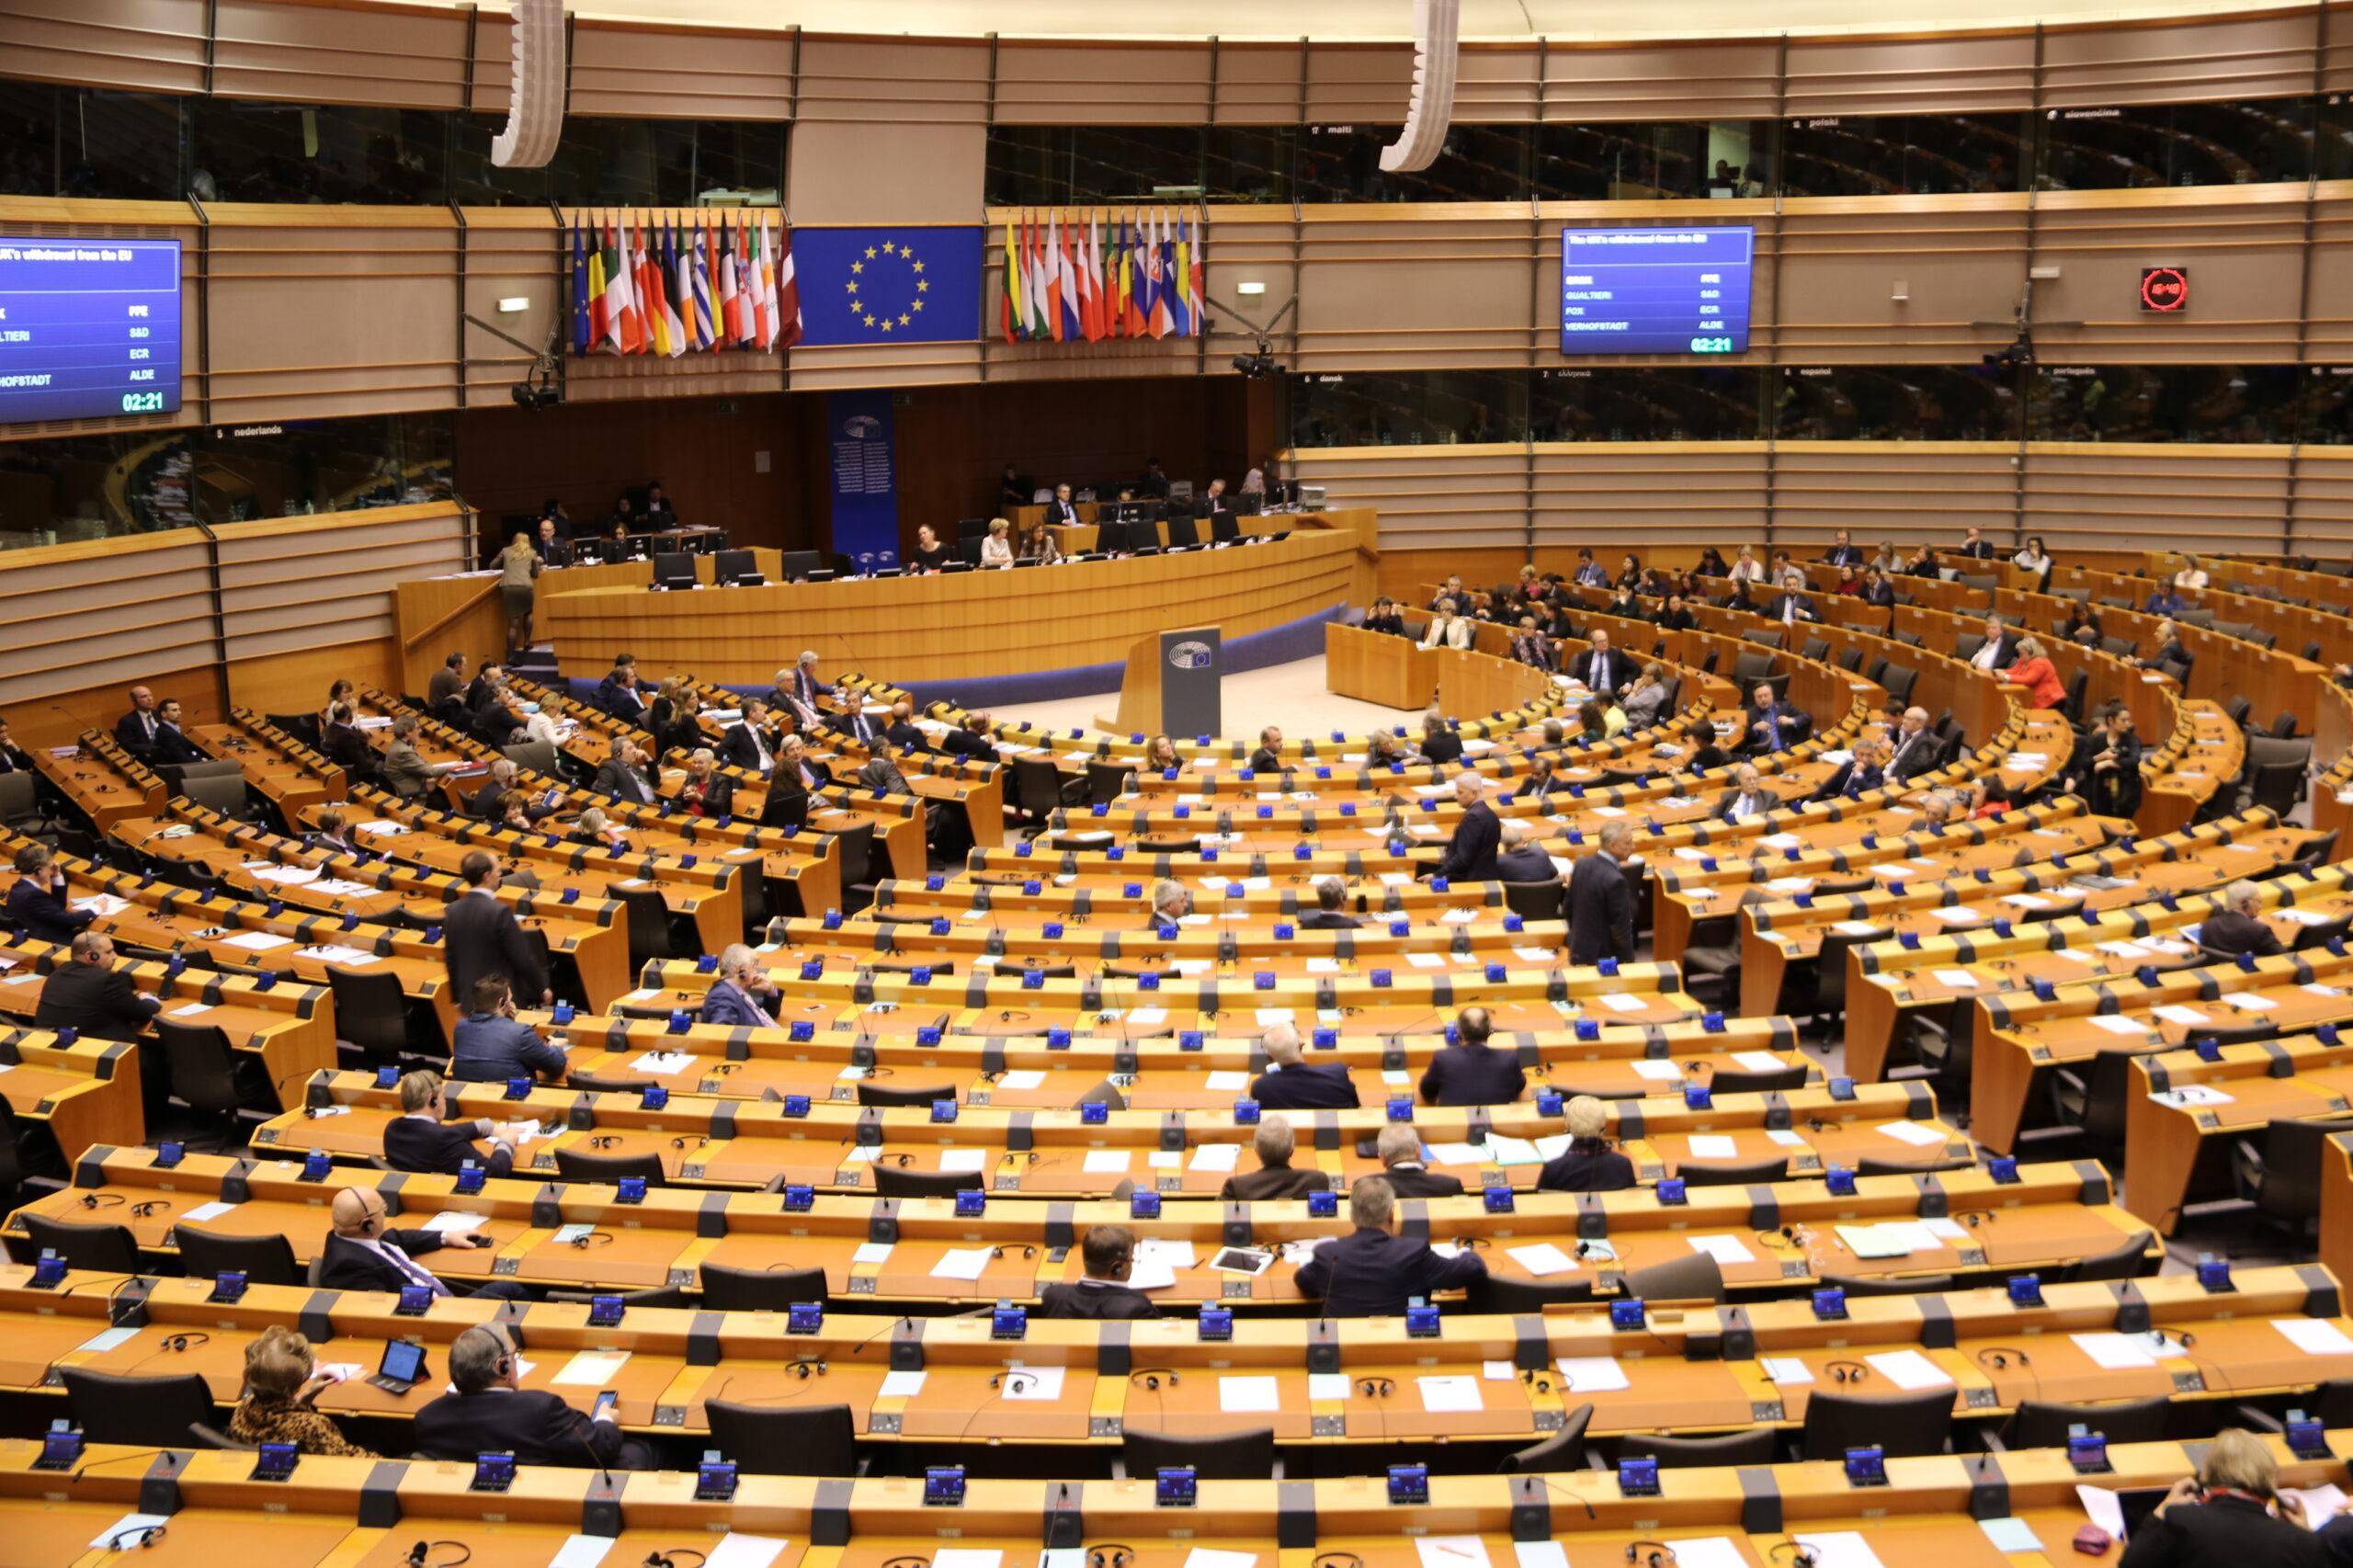 Ple de l'Eurocambra durant el debat sobre el Brexit, en una imatge d'arxiu | ACN